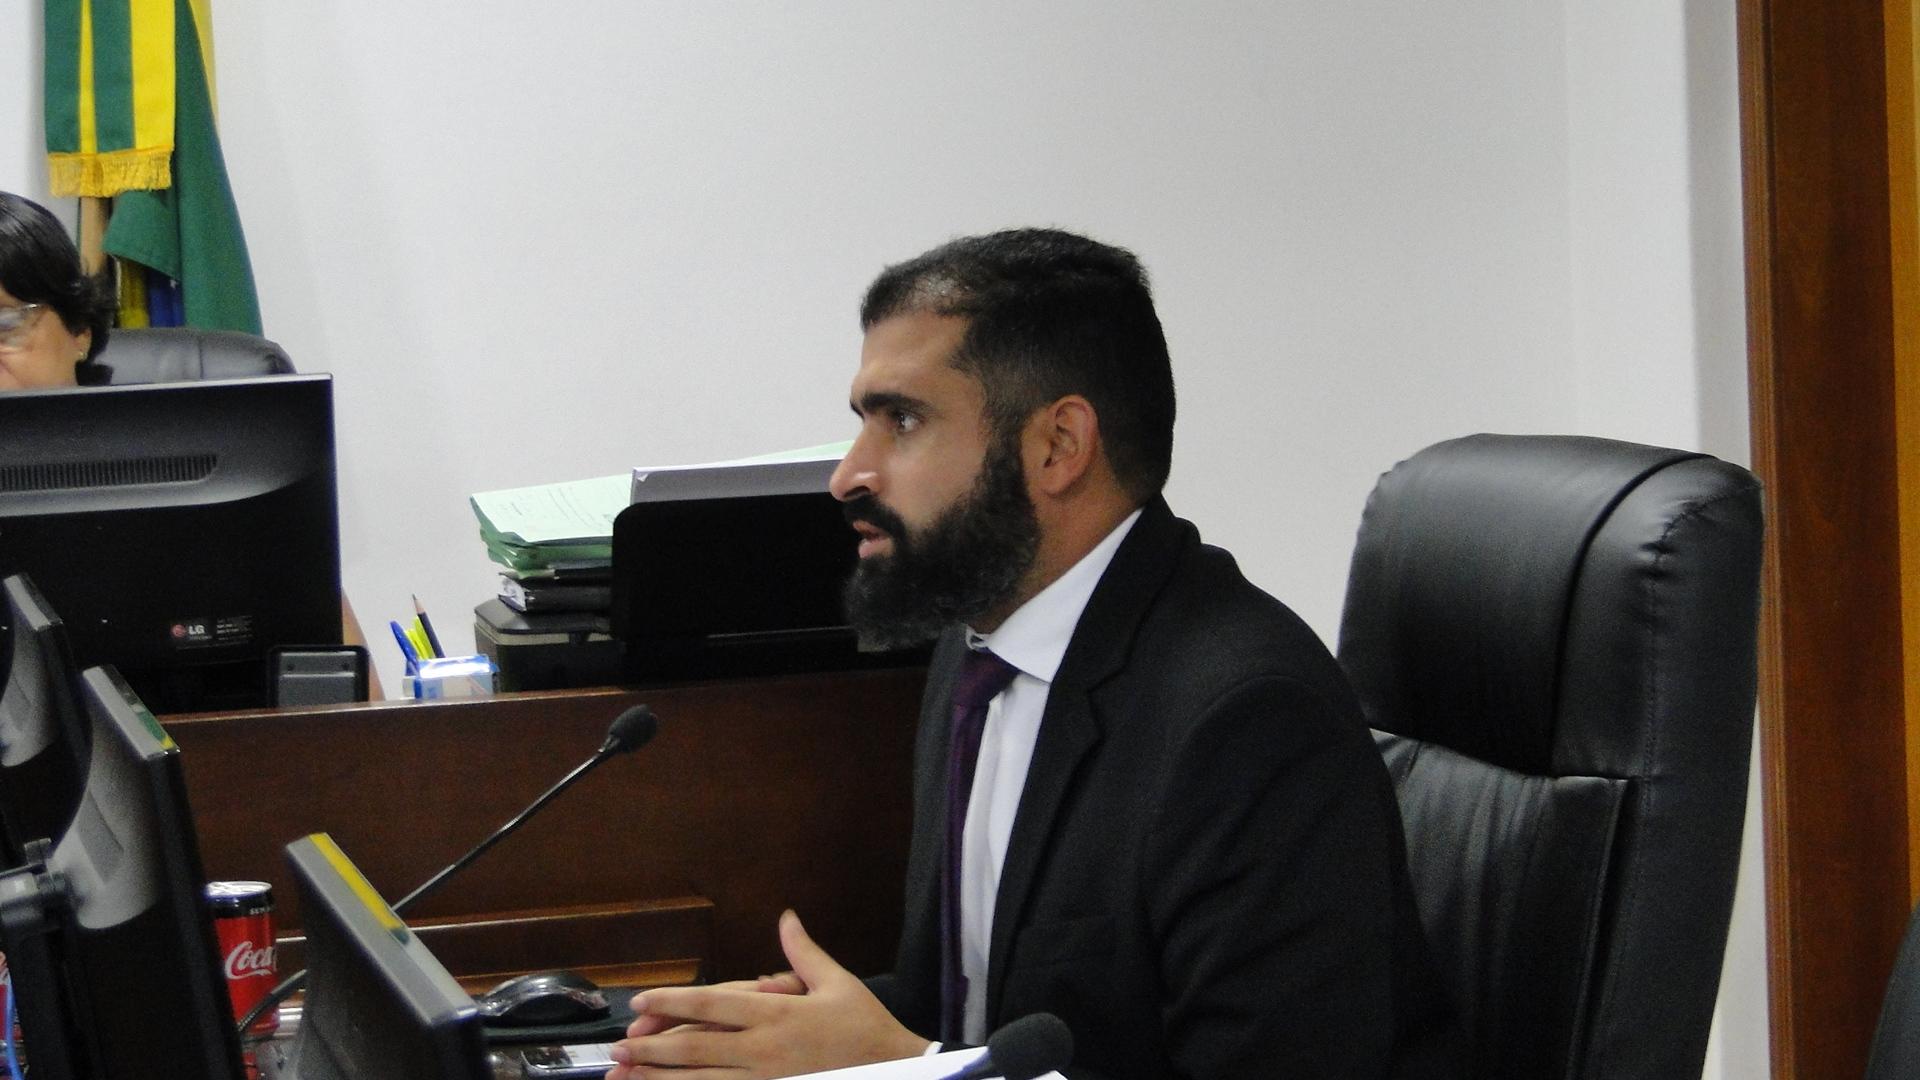 Comissão julga casos de jogada violenta